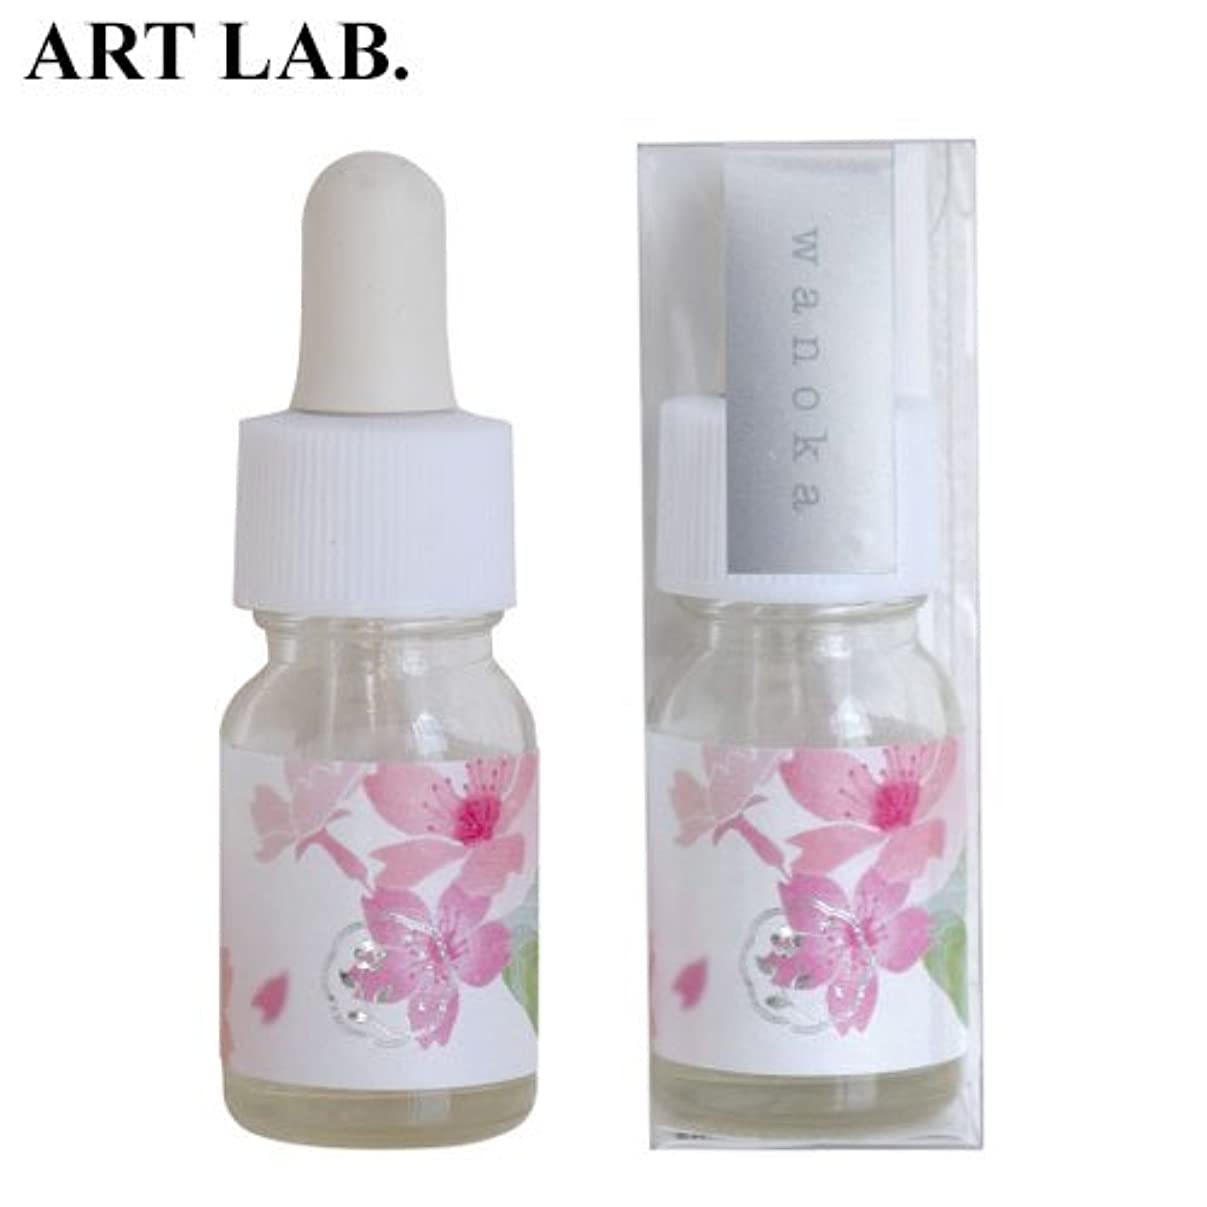 ラグ名門原子炉wanoka香油アロマオイル桜《桜をイメージした甘い香り》ART LABAromatic oil